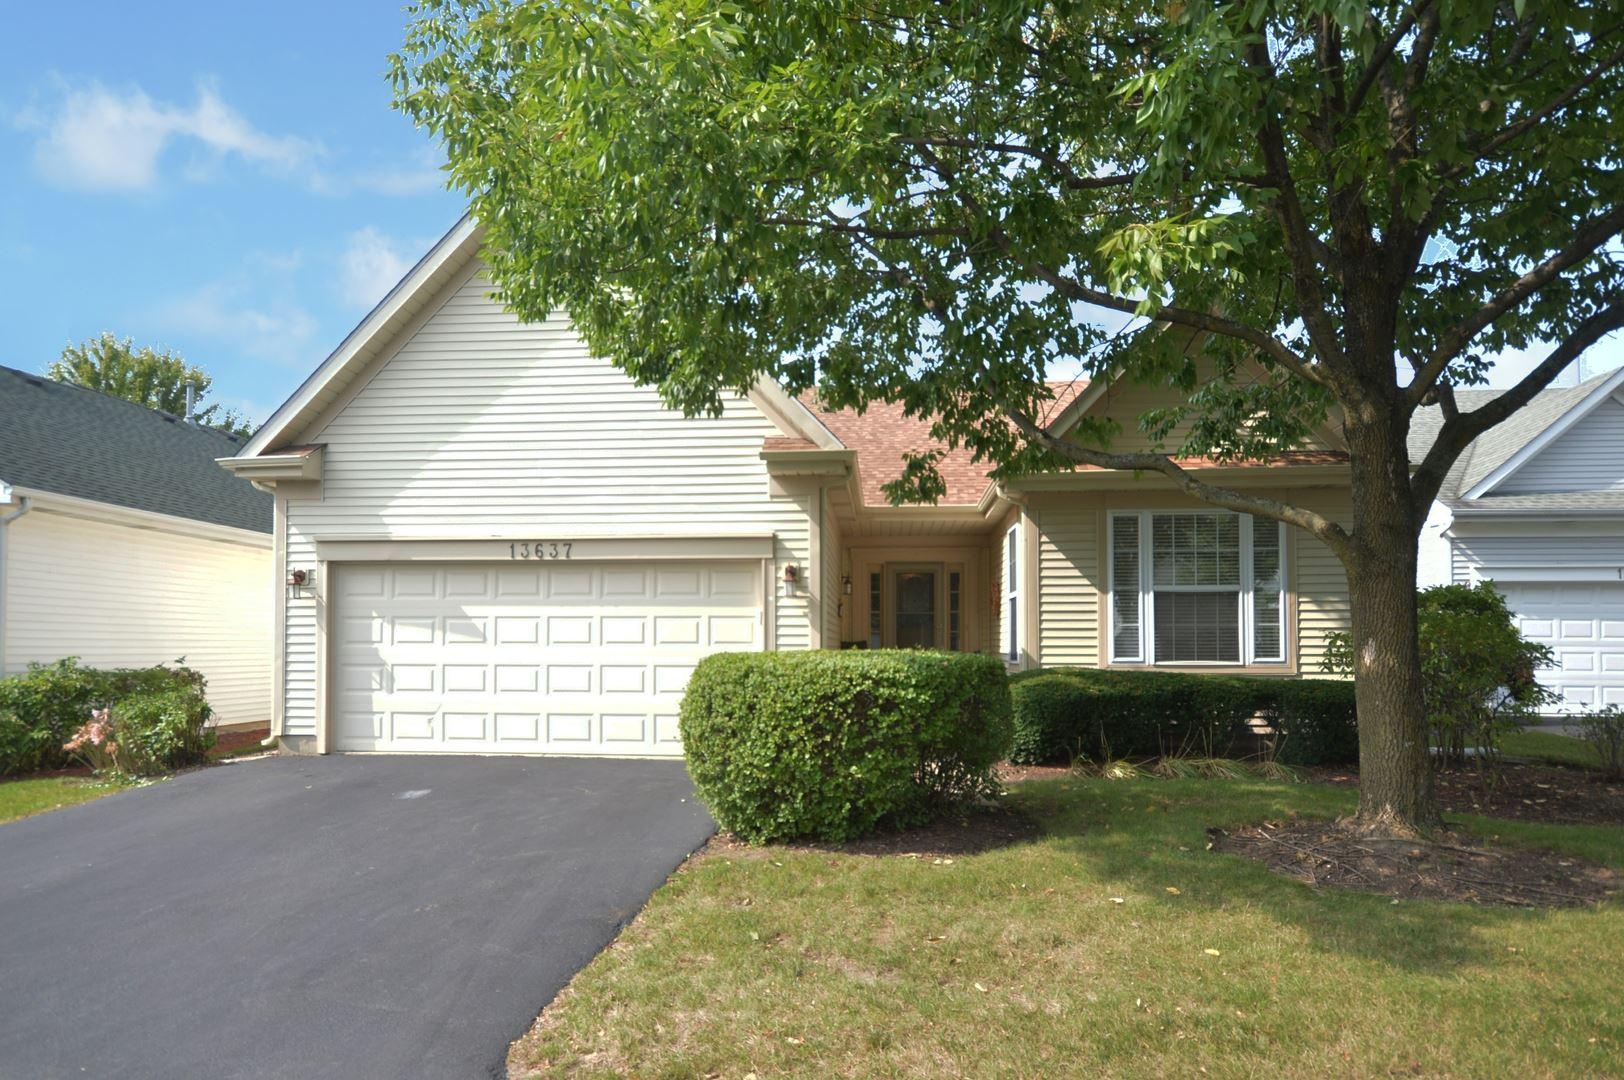 Photo of 13637 S Redbud Drive, Plainfield, IL 60544 (MLS # 10860011)